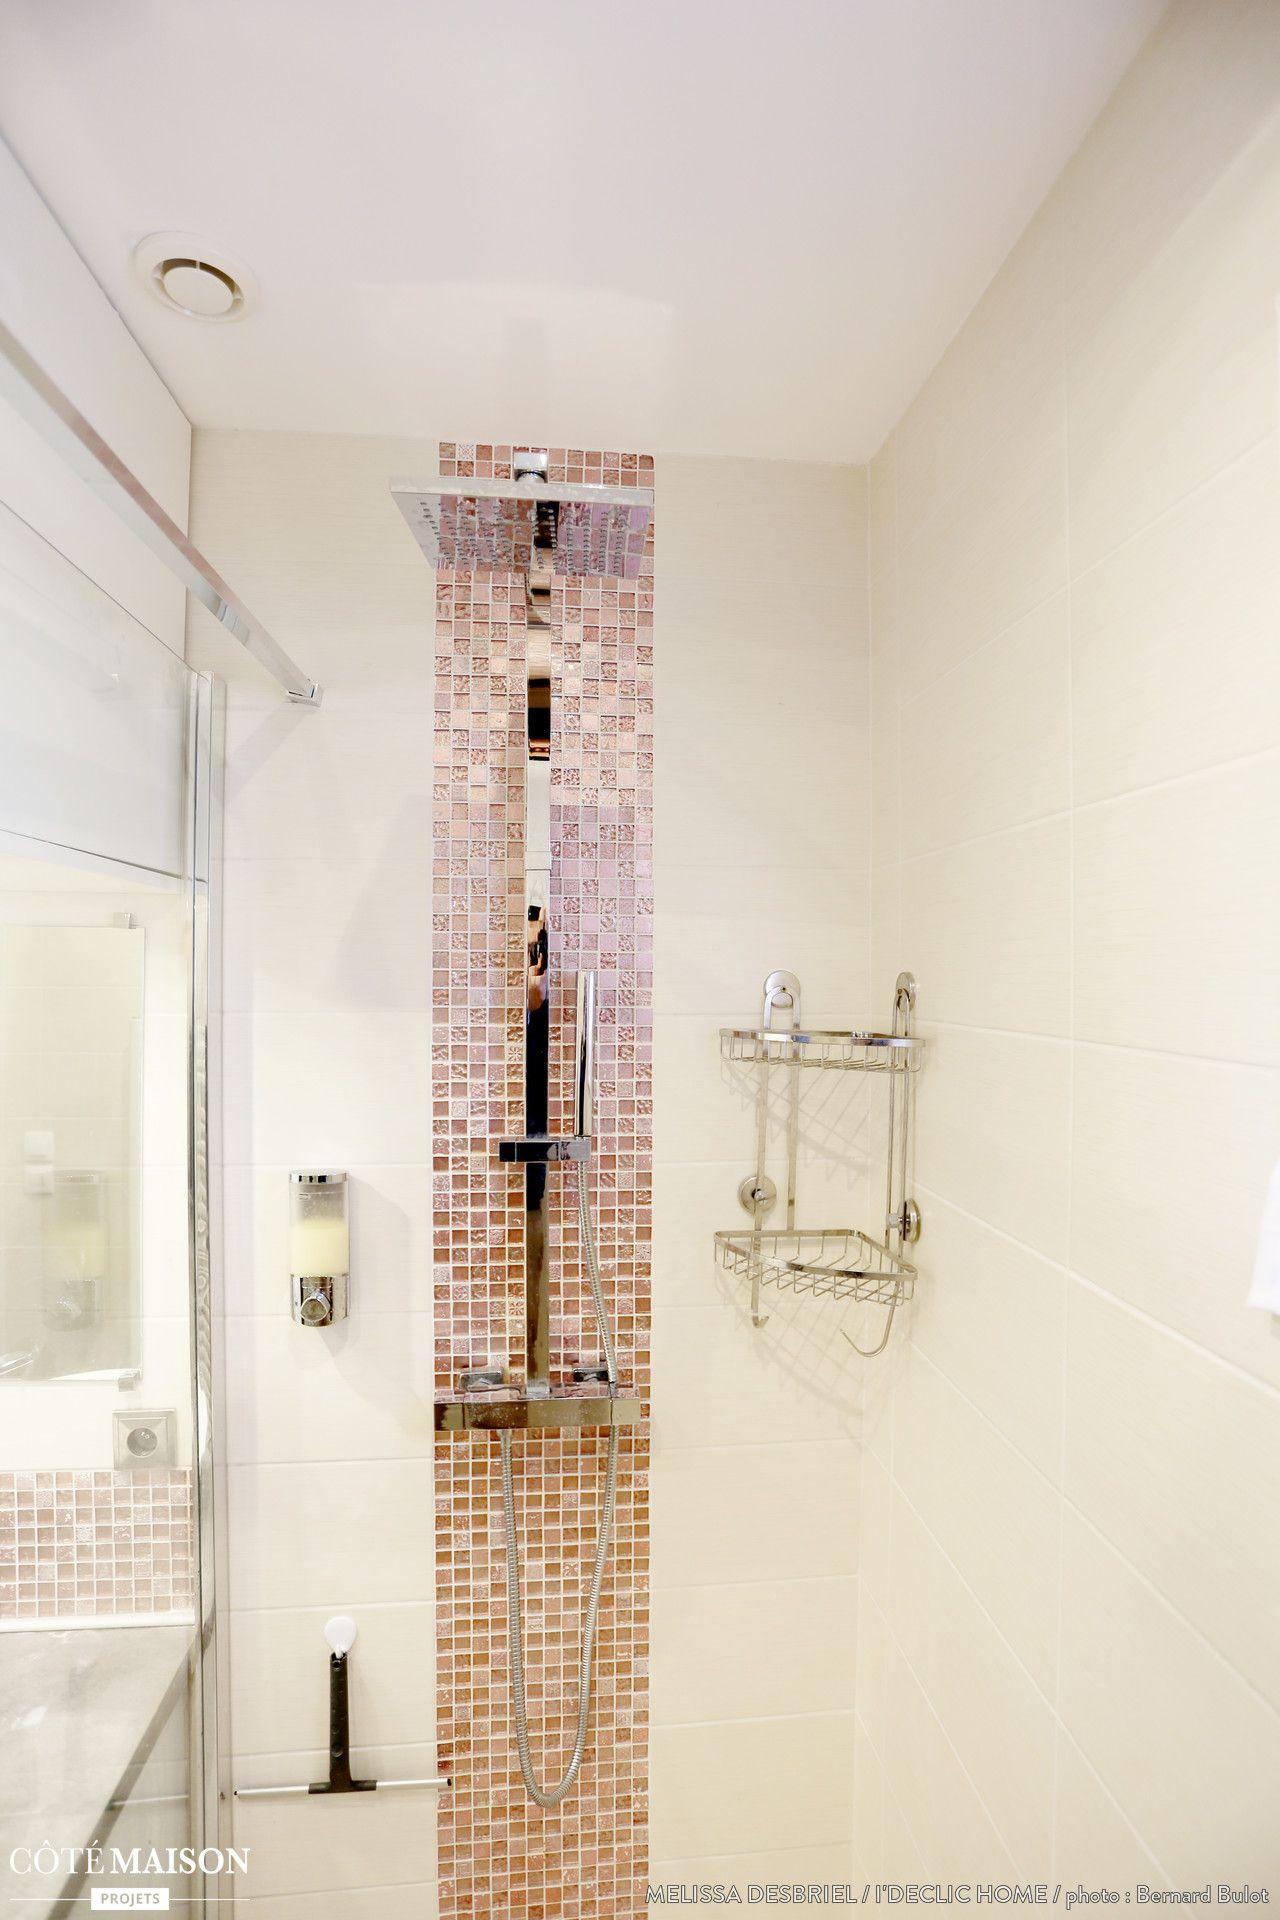 R novation d 39 une salle de bains de 3m2 m lissa desbriel for Salle de bain wc dans 3m2